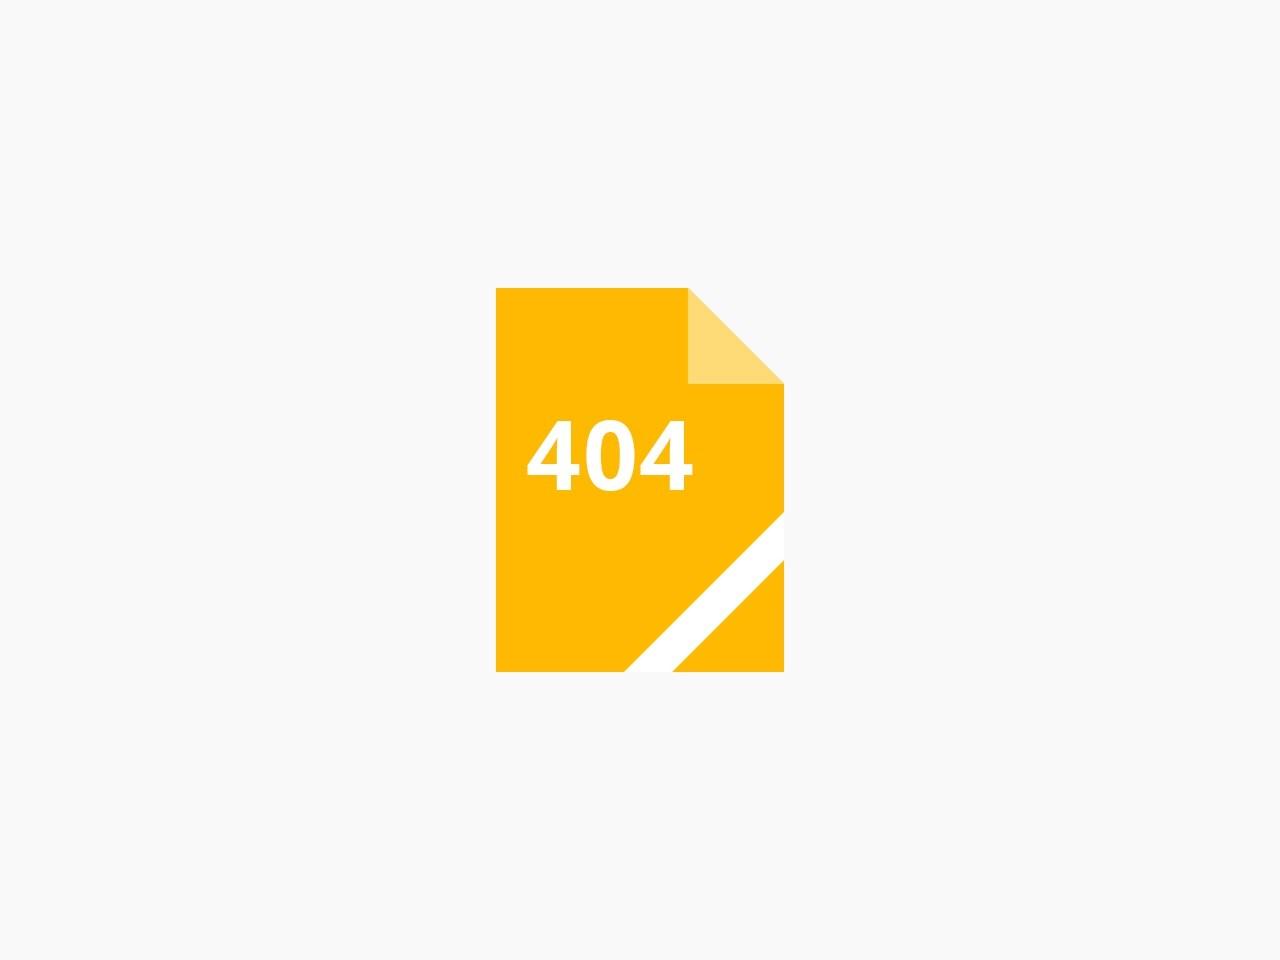 吉祥网红平台截图